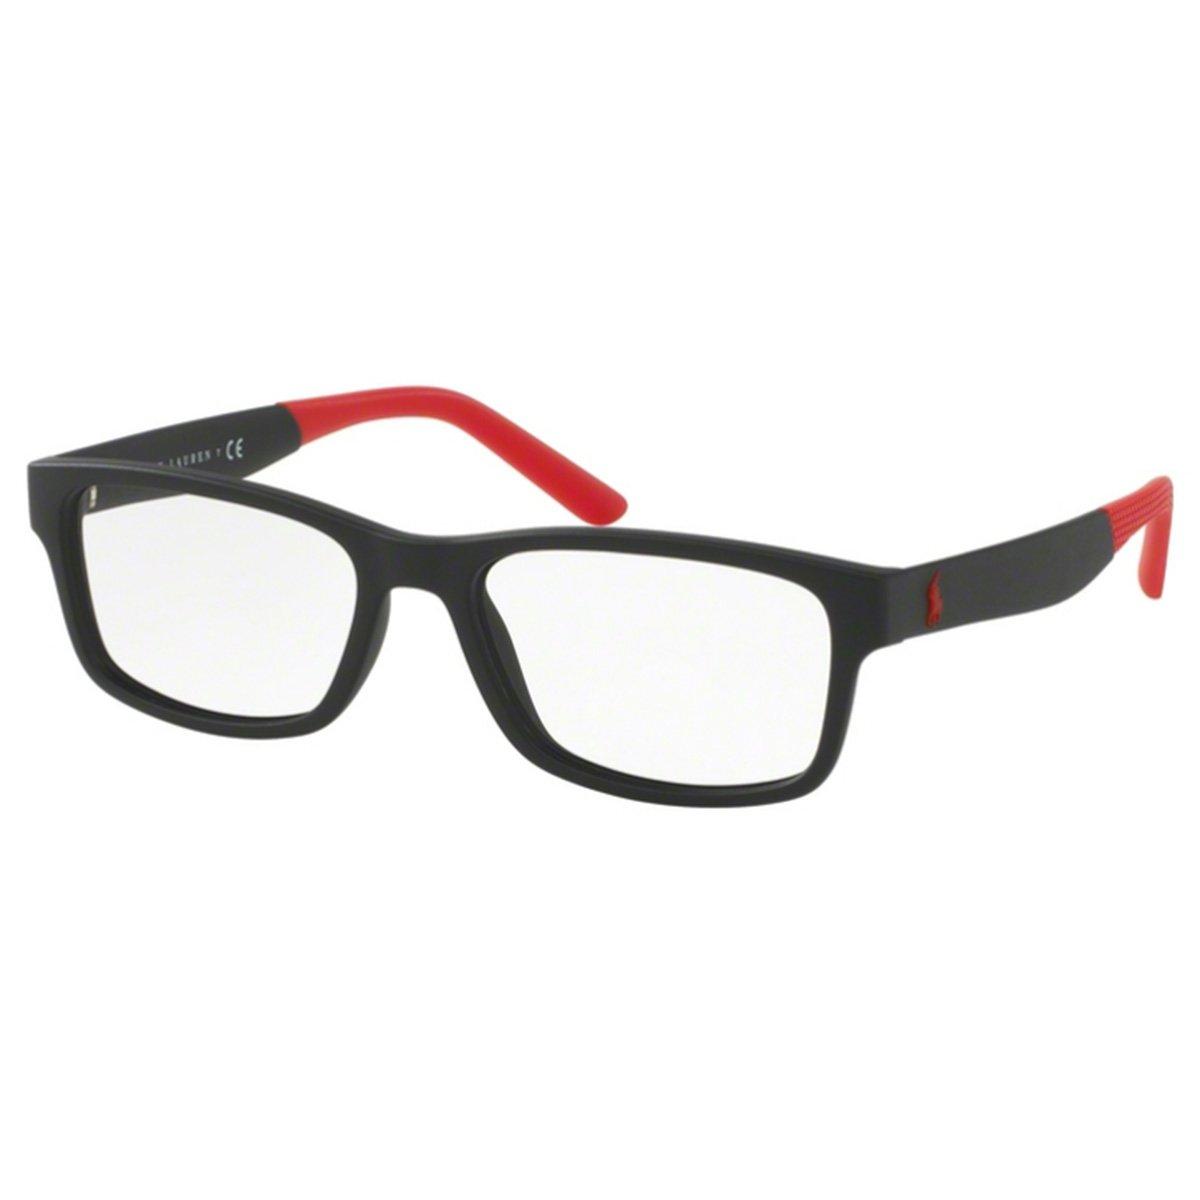 5f5bf747fdcc9 Compre Óculos de Grau Polo Ralph Lauren em 10X